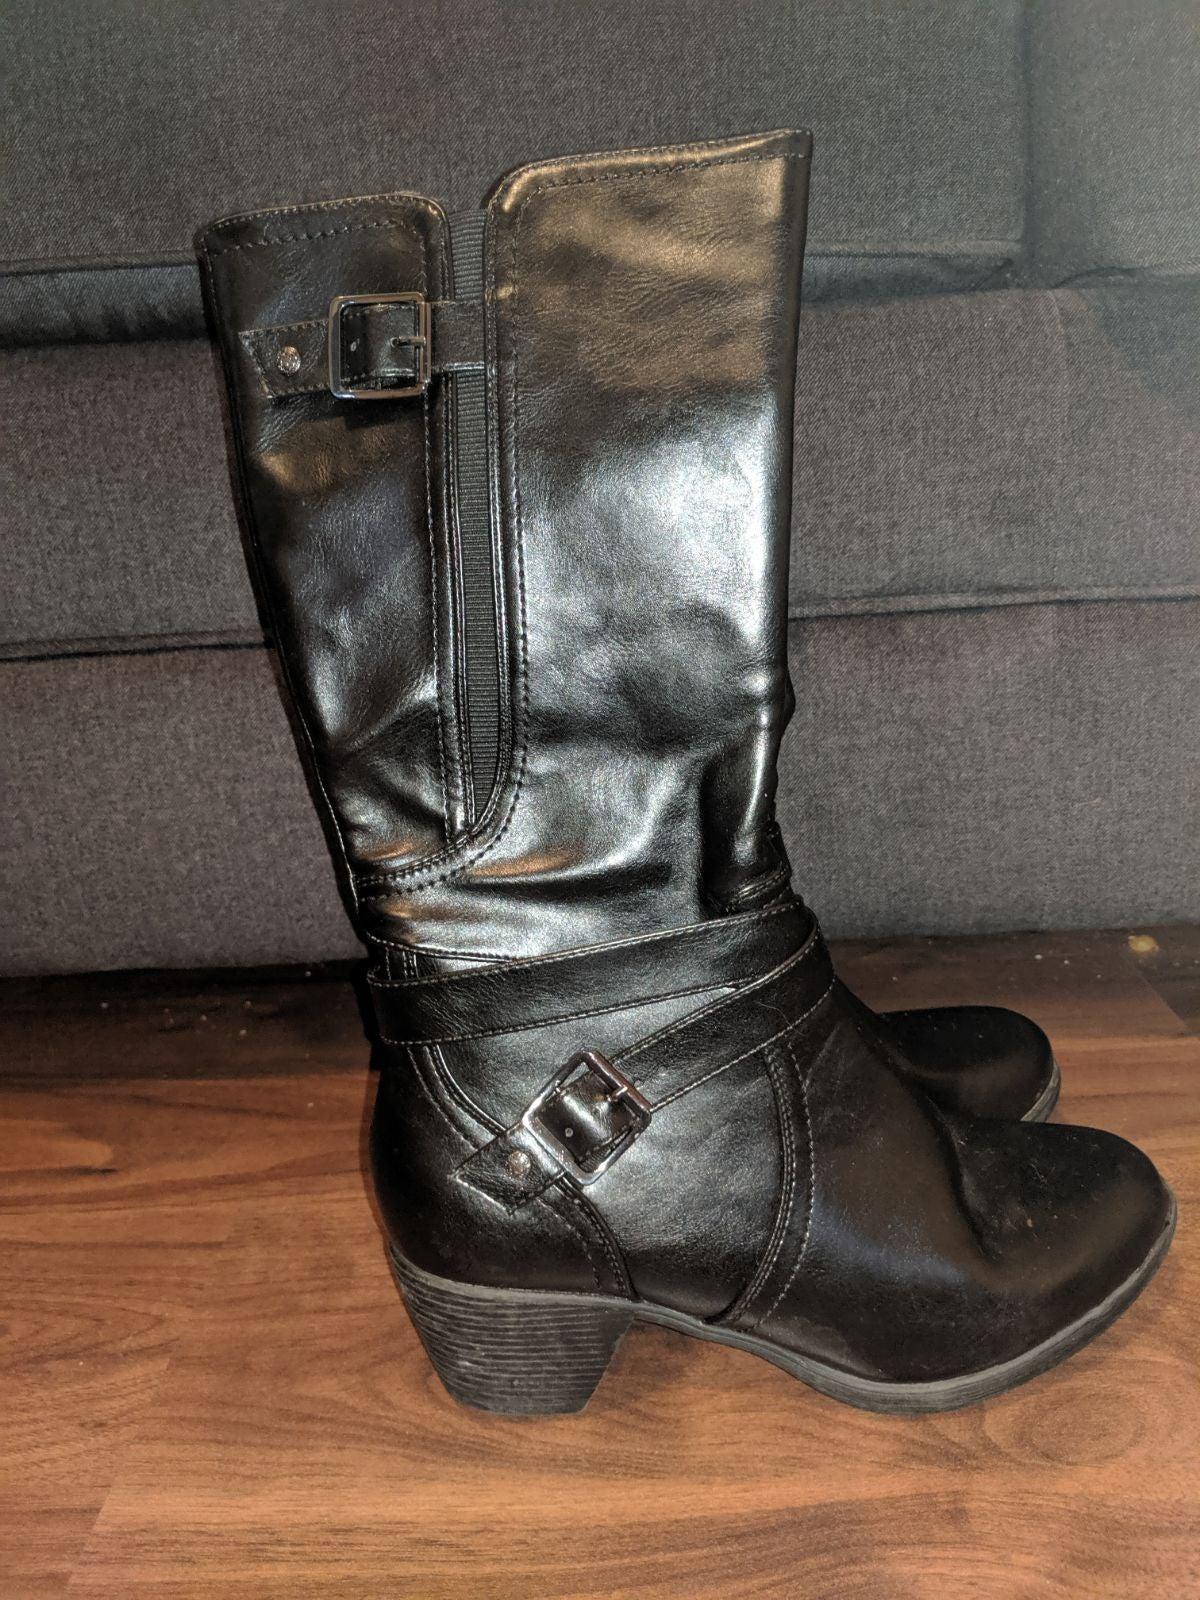 Super Comfy Boots 6 1/2